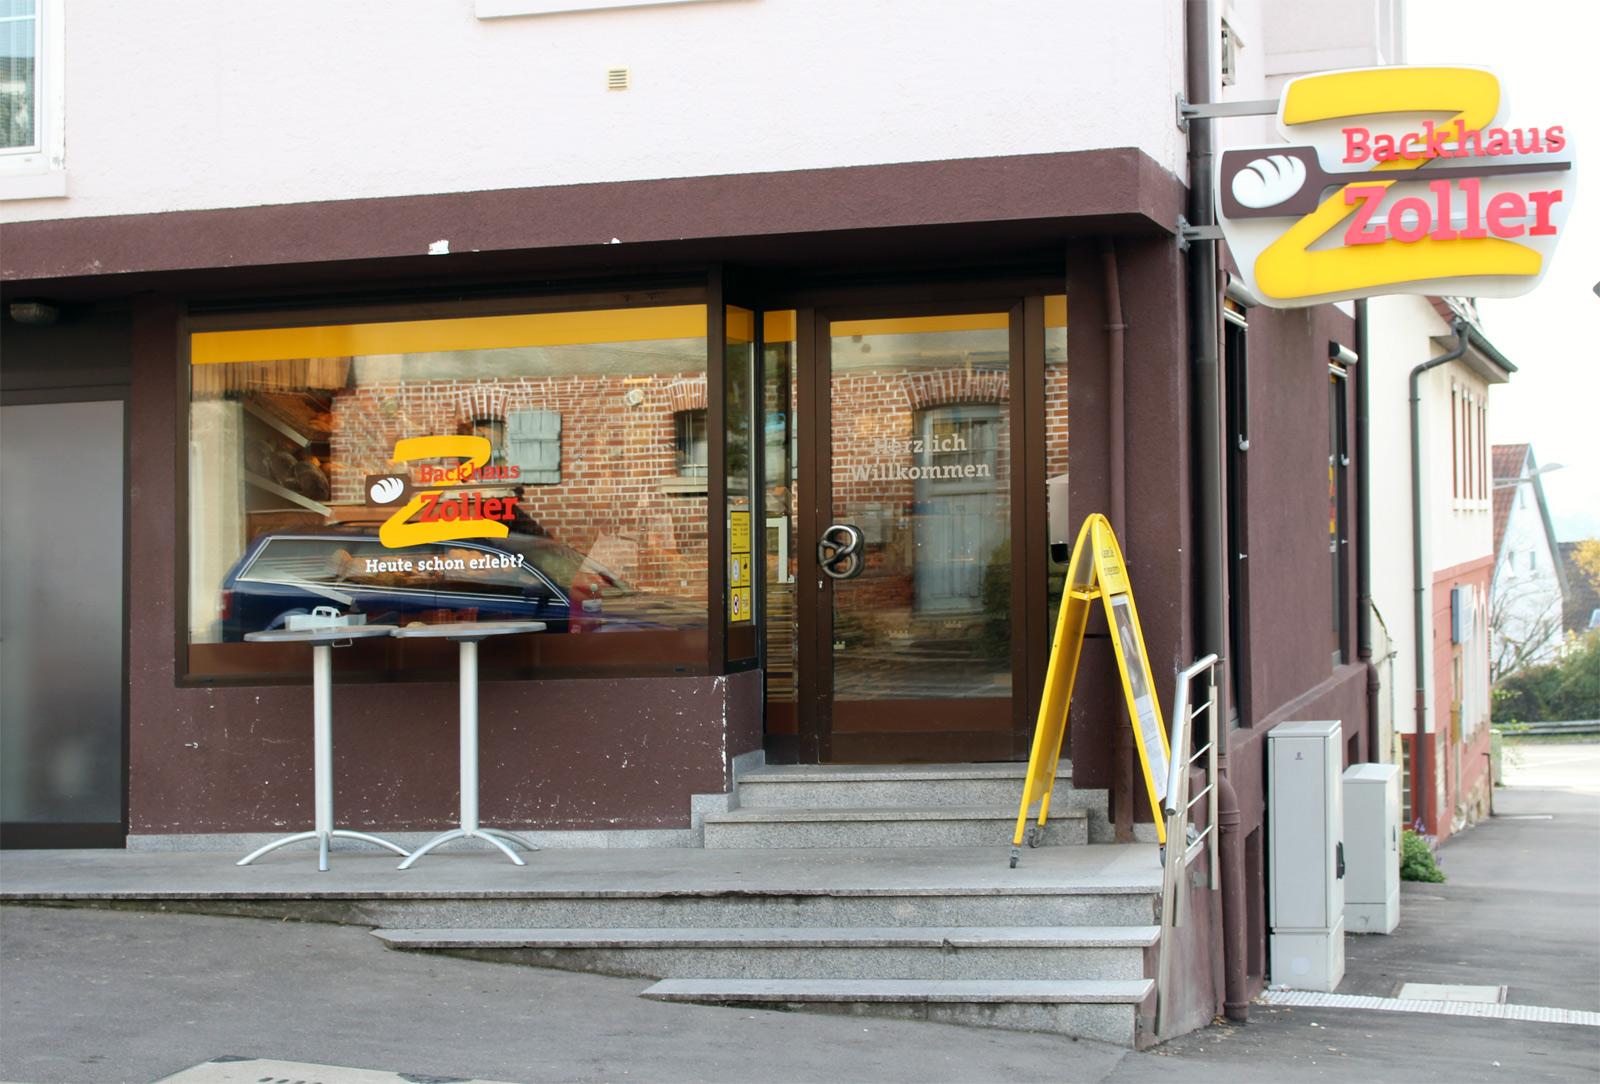 backhaus-zoller-fageschaeft_denkendorf_aussen